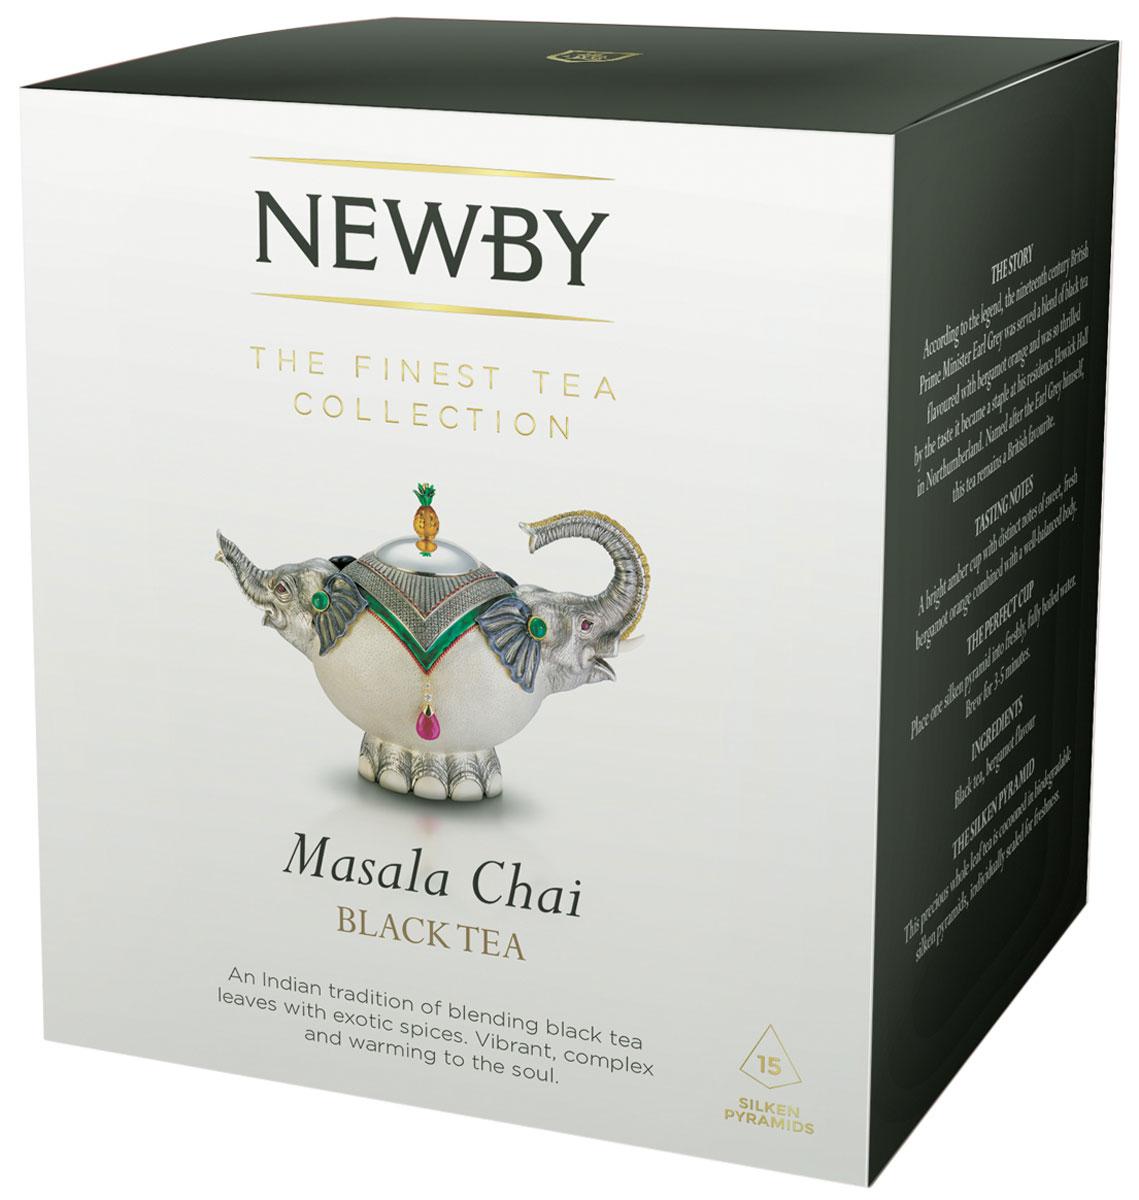 цены на Newby Masala Chai черный листовой чай со специями в пирамидках, 15 шт  в интернет-магазинах